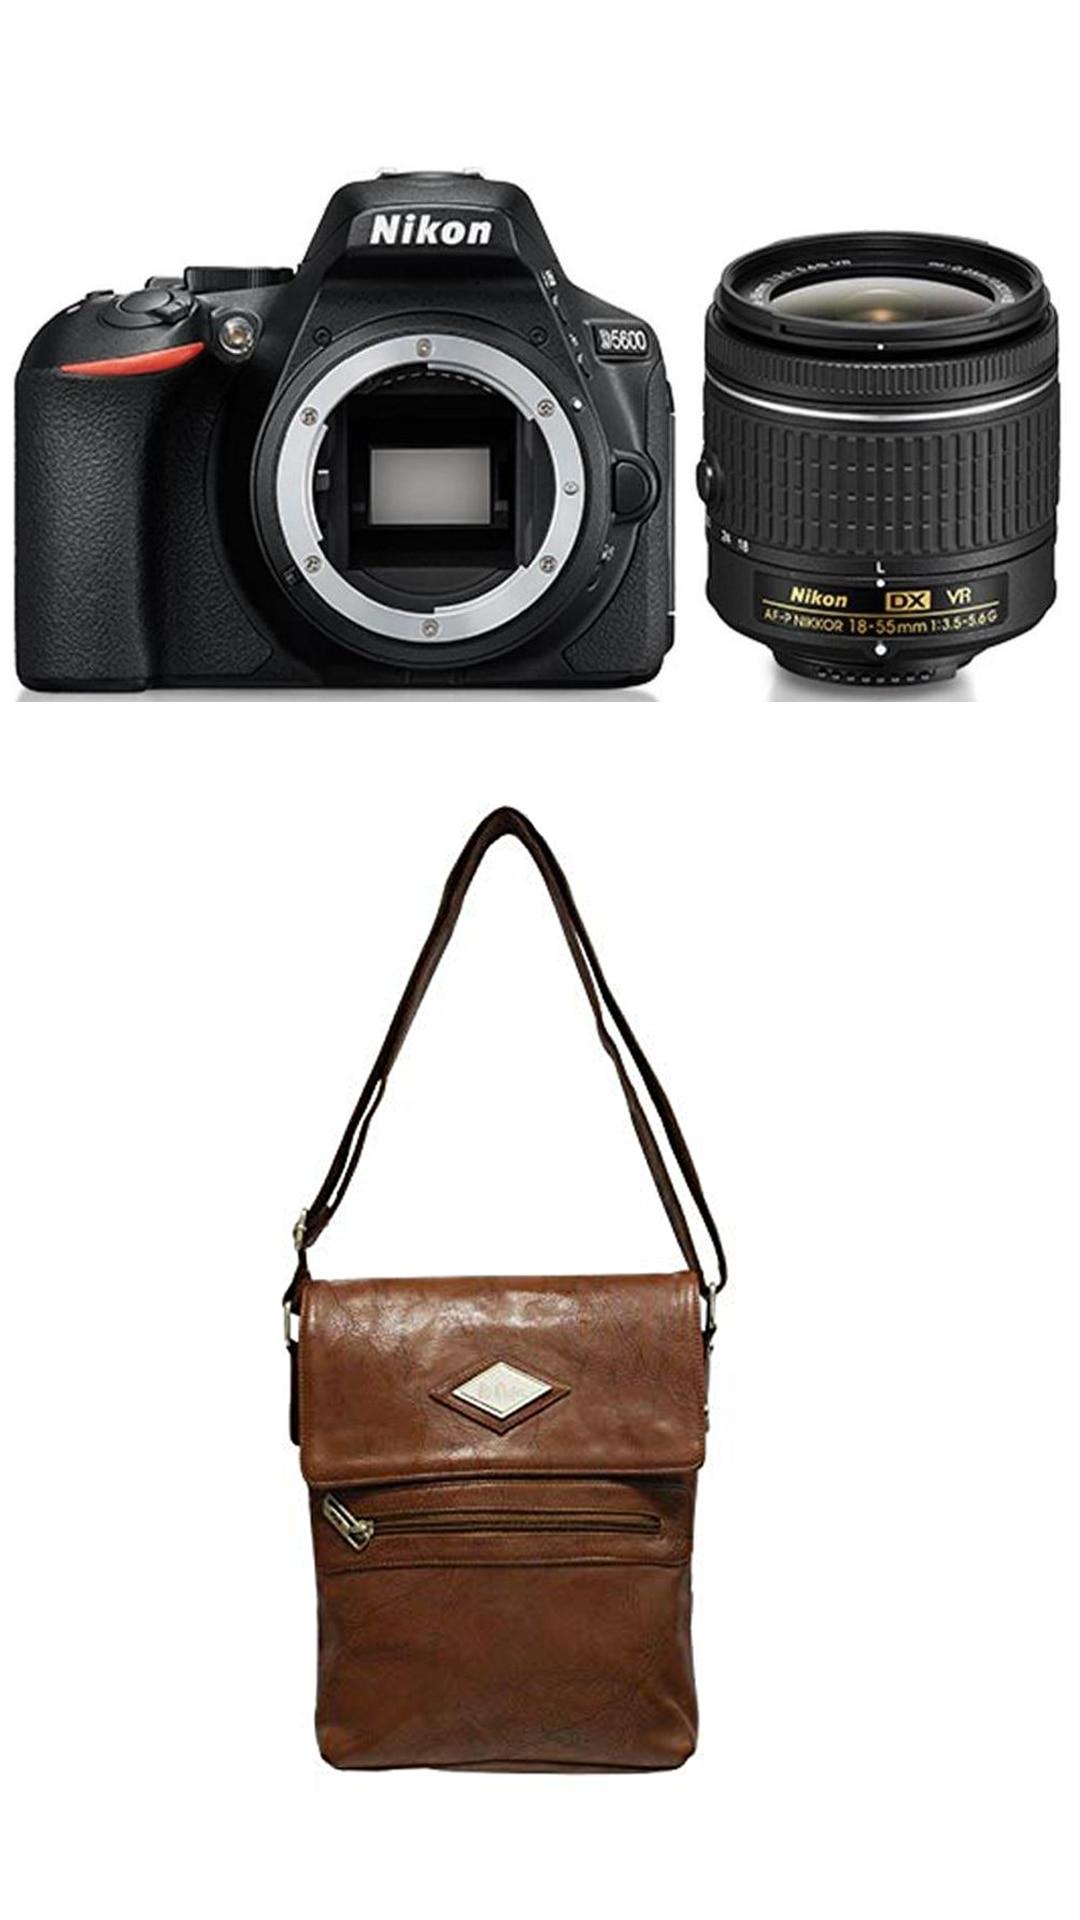 Nikon D5600 Kit (AF-P DX NIKKOR 18-55mm F/3.5-5.6G VR) DSLR Camera (Black) + FREE Nikon DSLR Bag + 16GB Memory Card - Free Lee Cooper Sling Bag